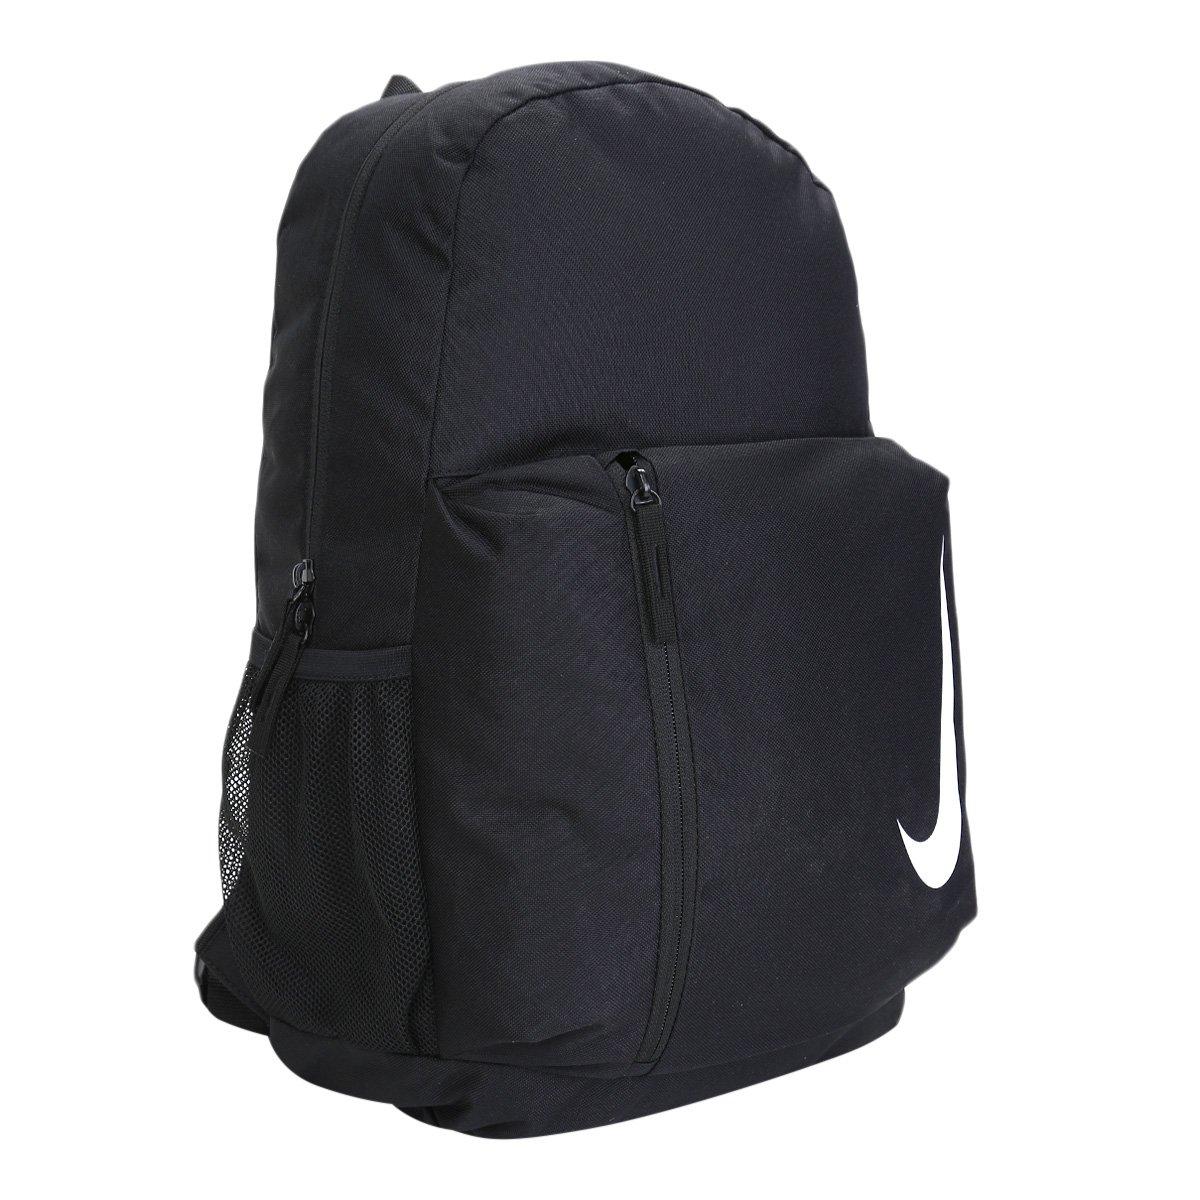 Mochila Nike Brasilia Academy Team - 22 Litros - 2